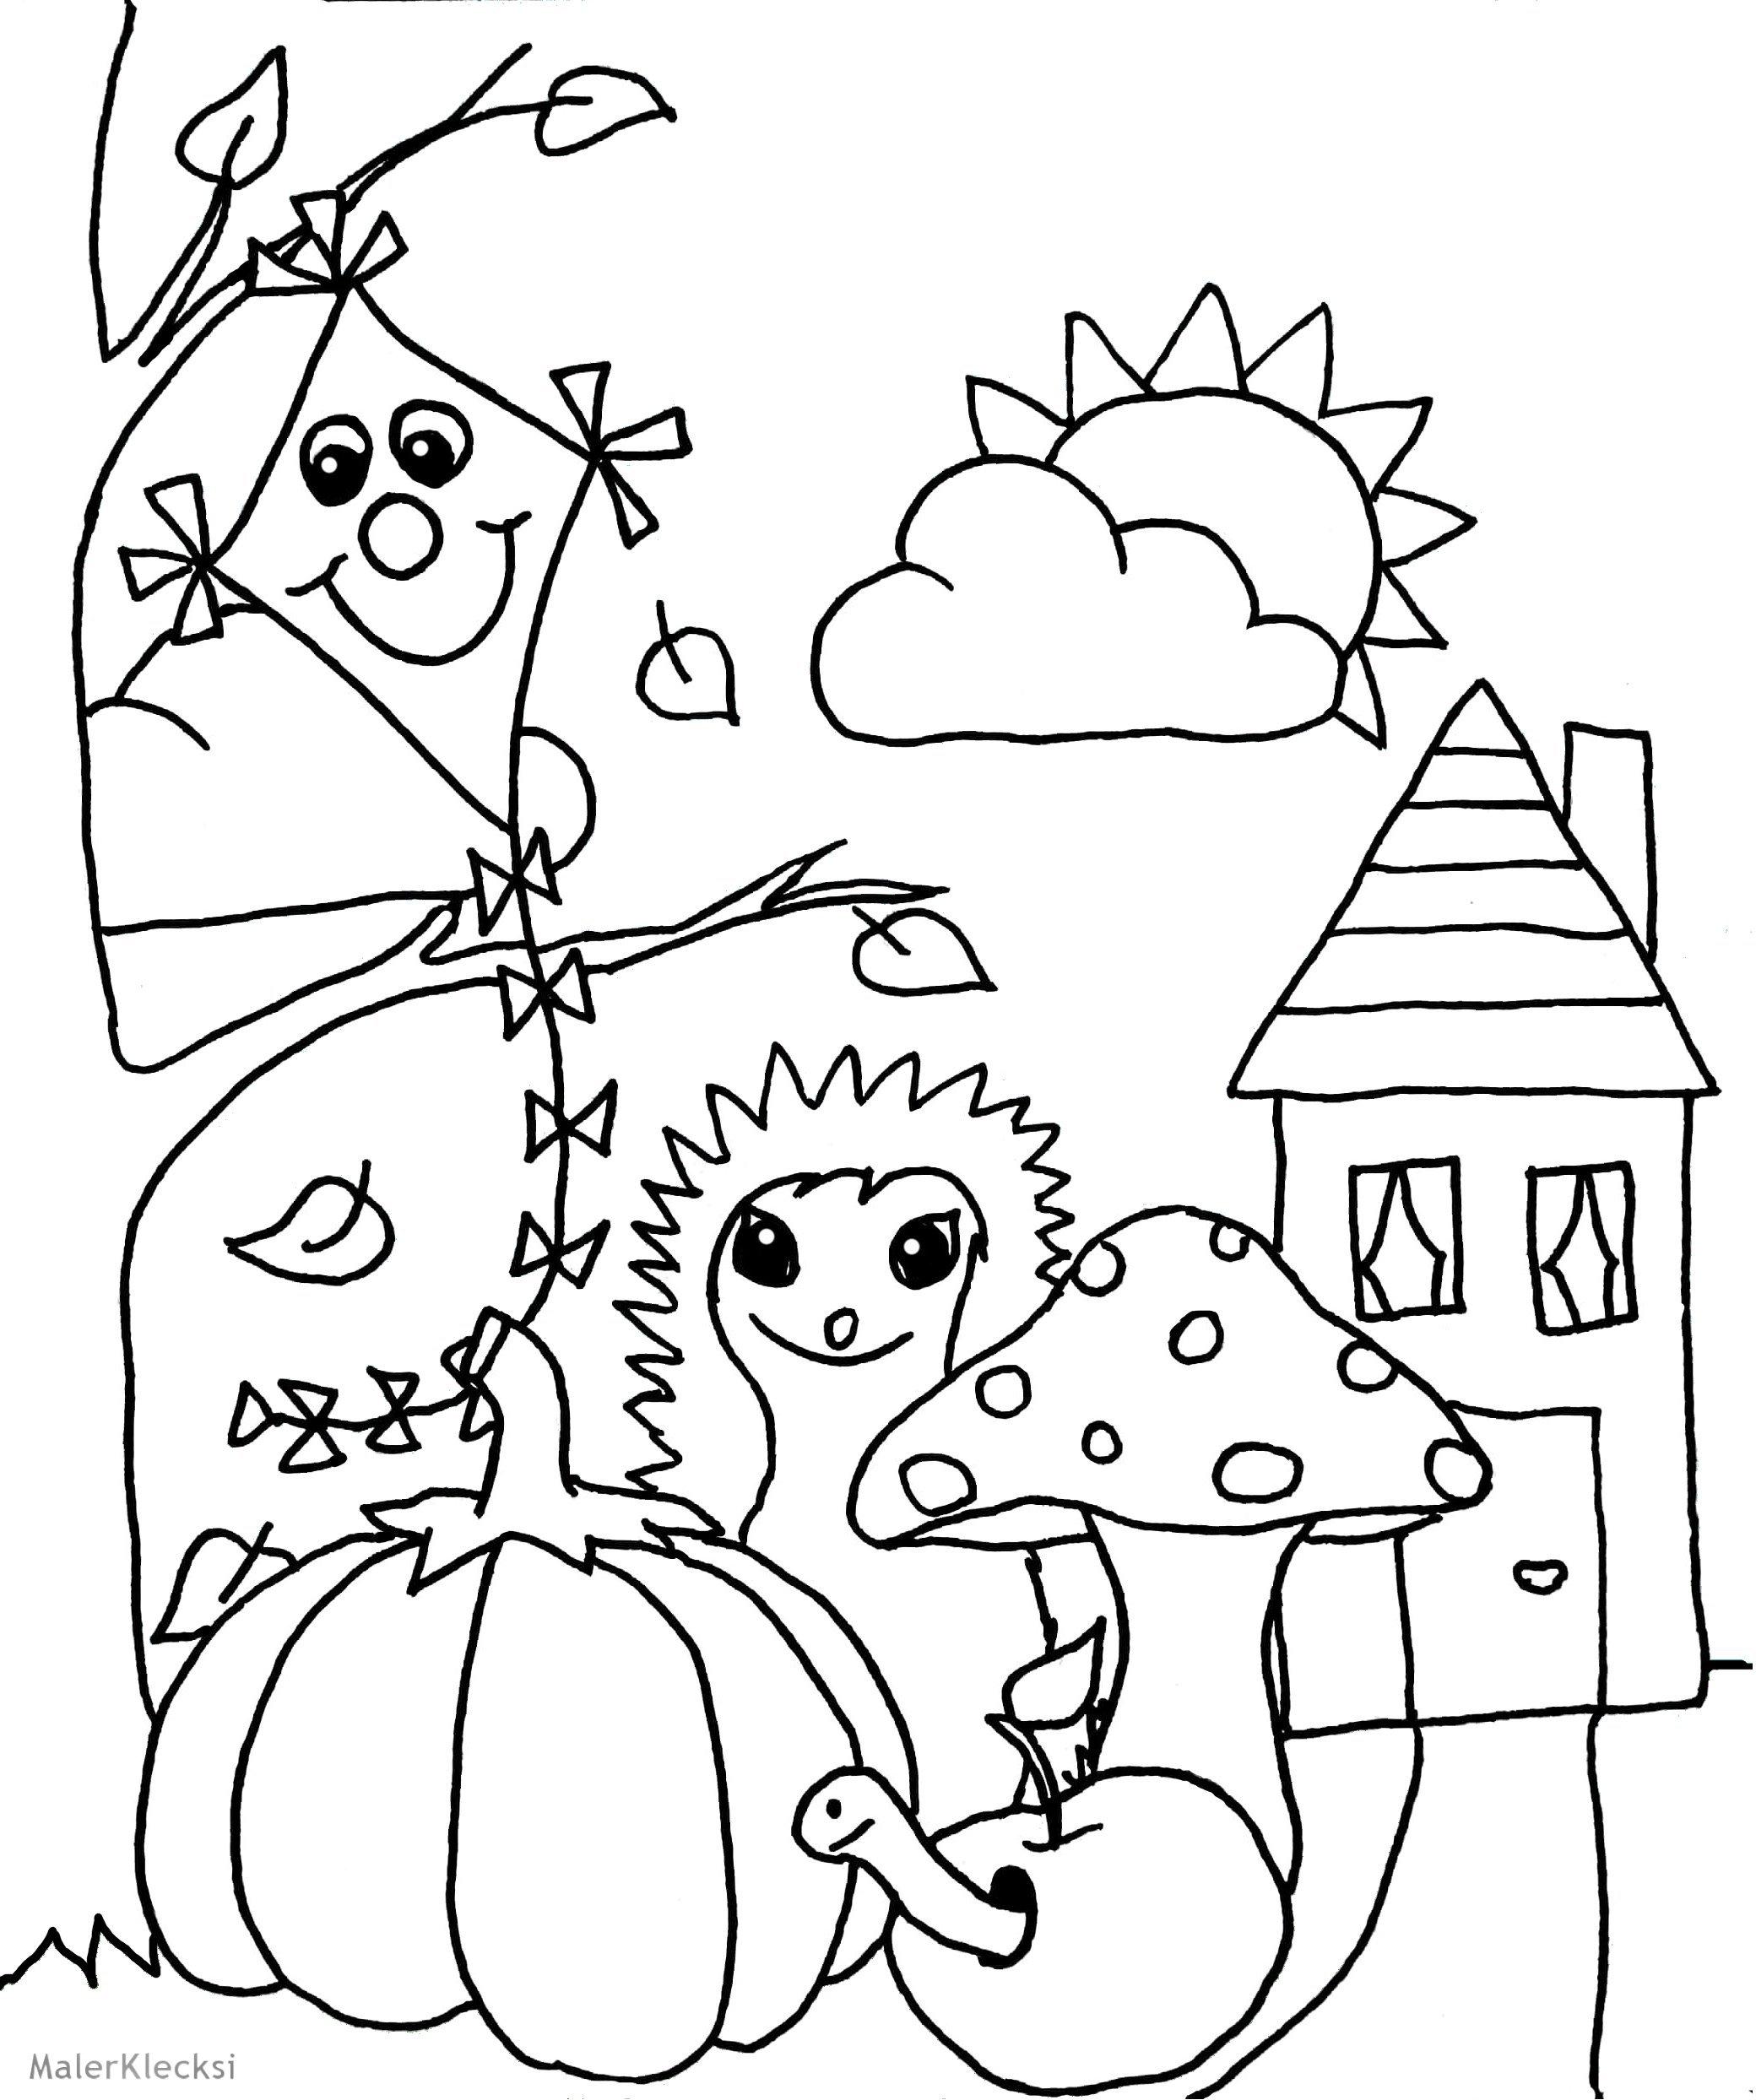 Herbstliches Ausmalbild für Kinder